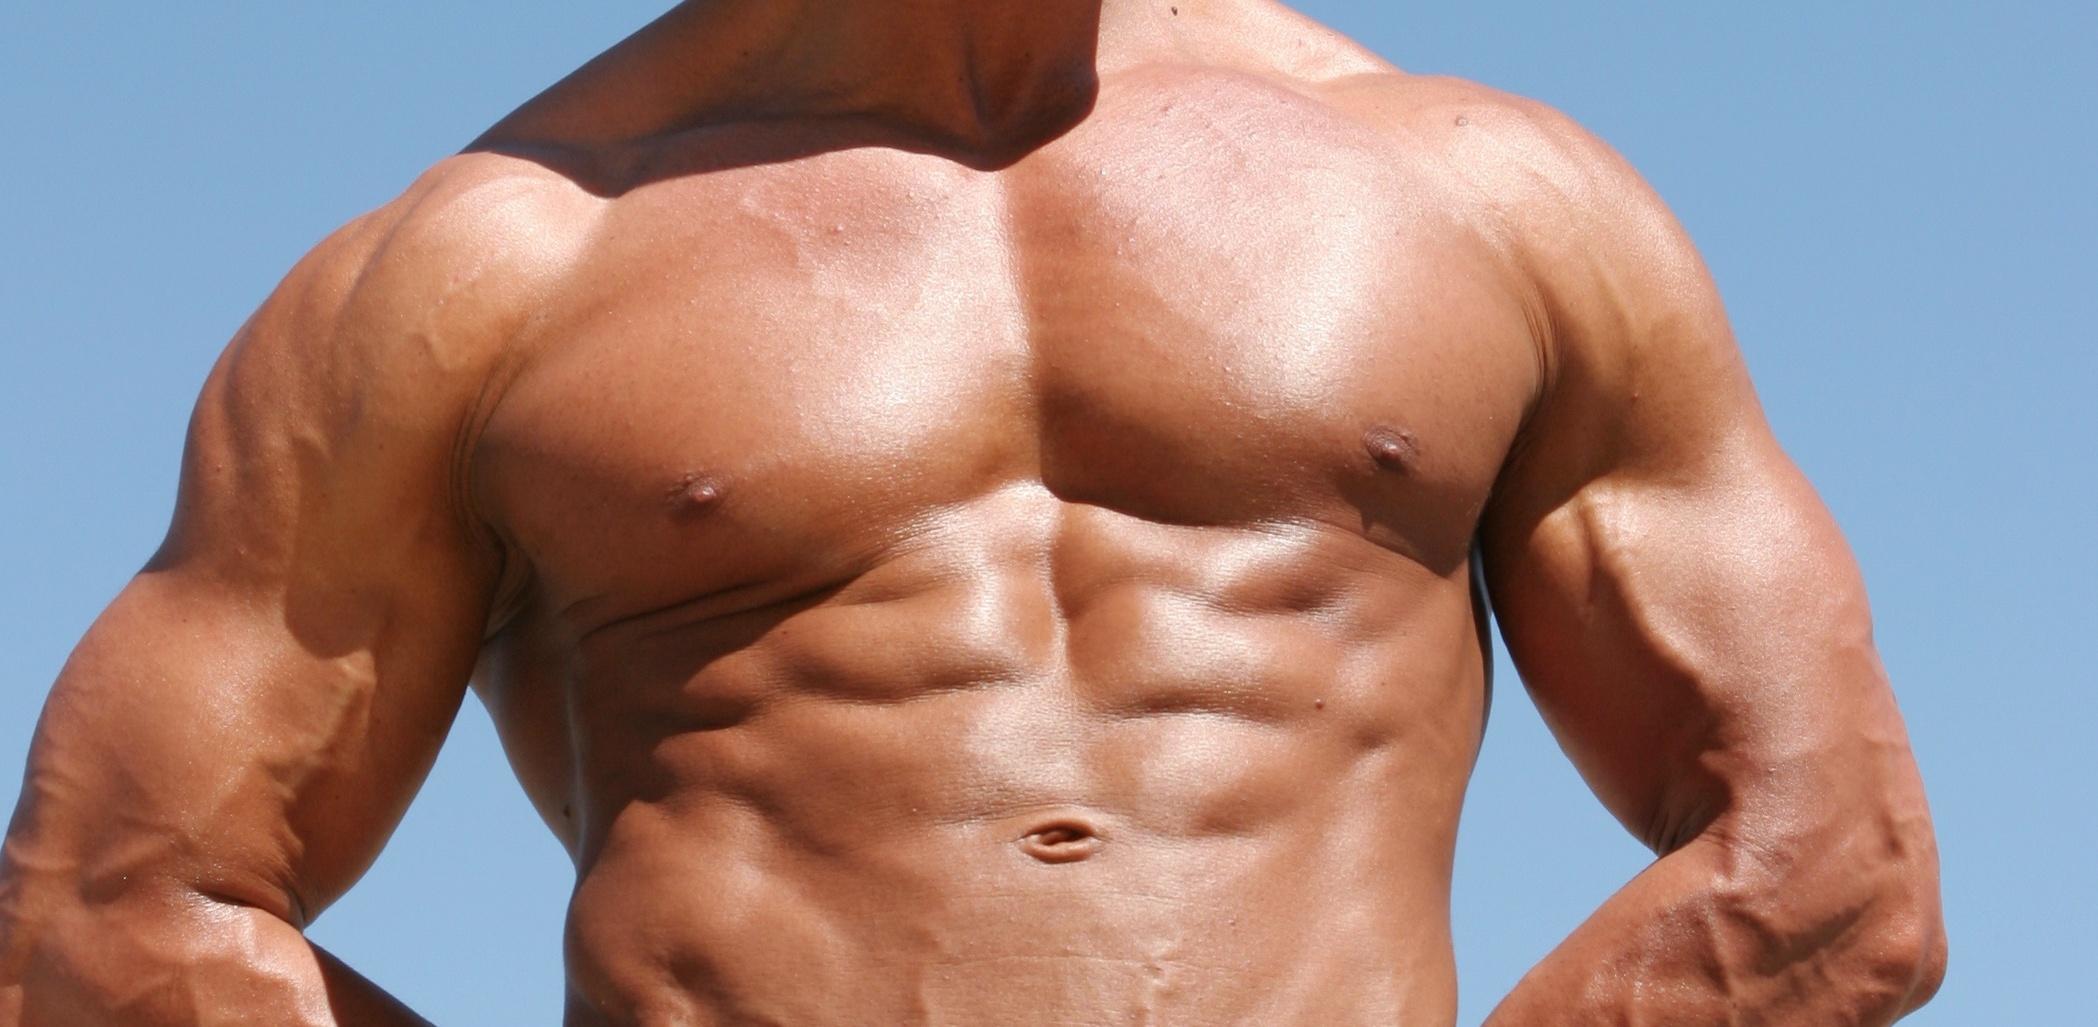 8 Estrategias Probadas Para Maximizar La Ganancia Muscular